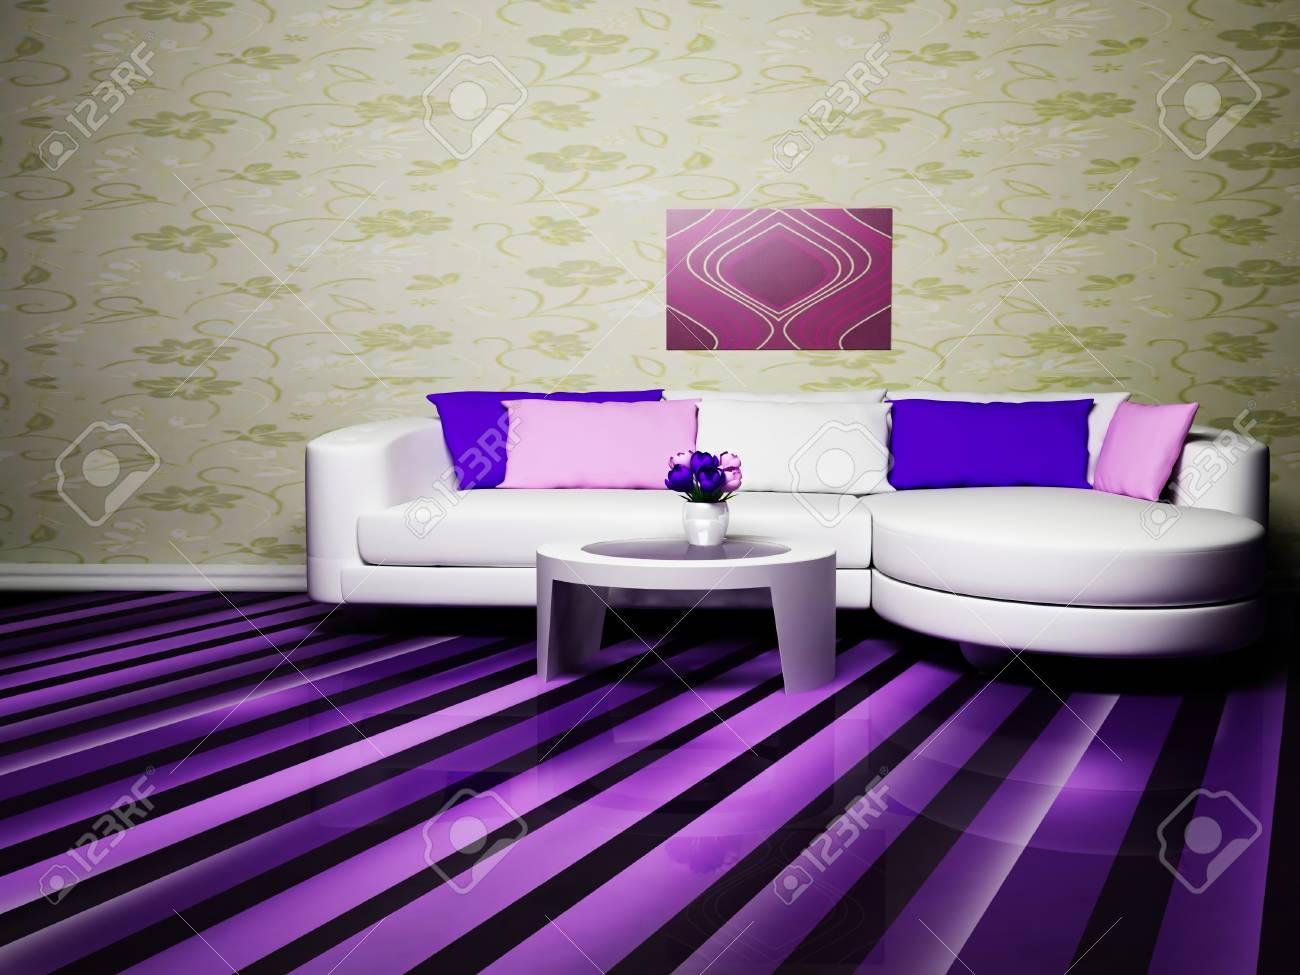 Moderne Innenarchitektur Wohnzimmer Mit Einem Schönen Sofa Und Tisch